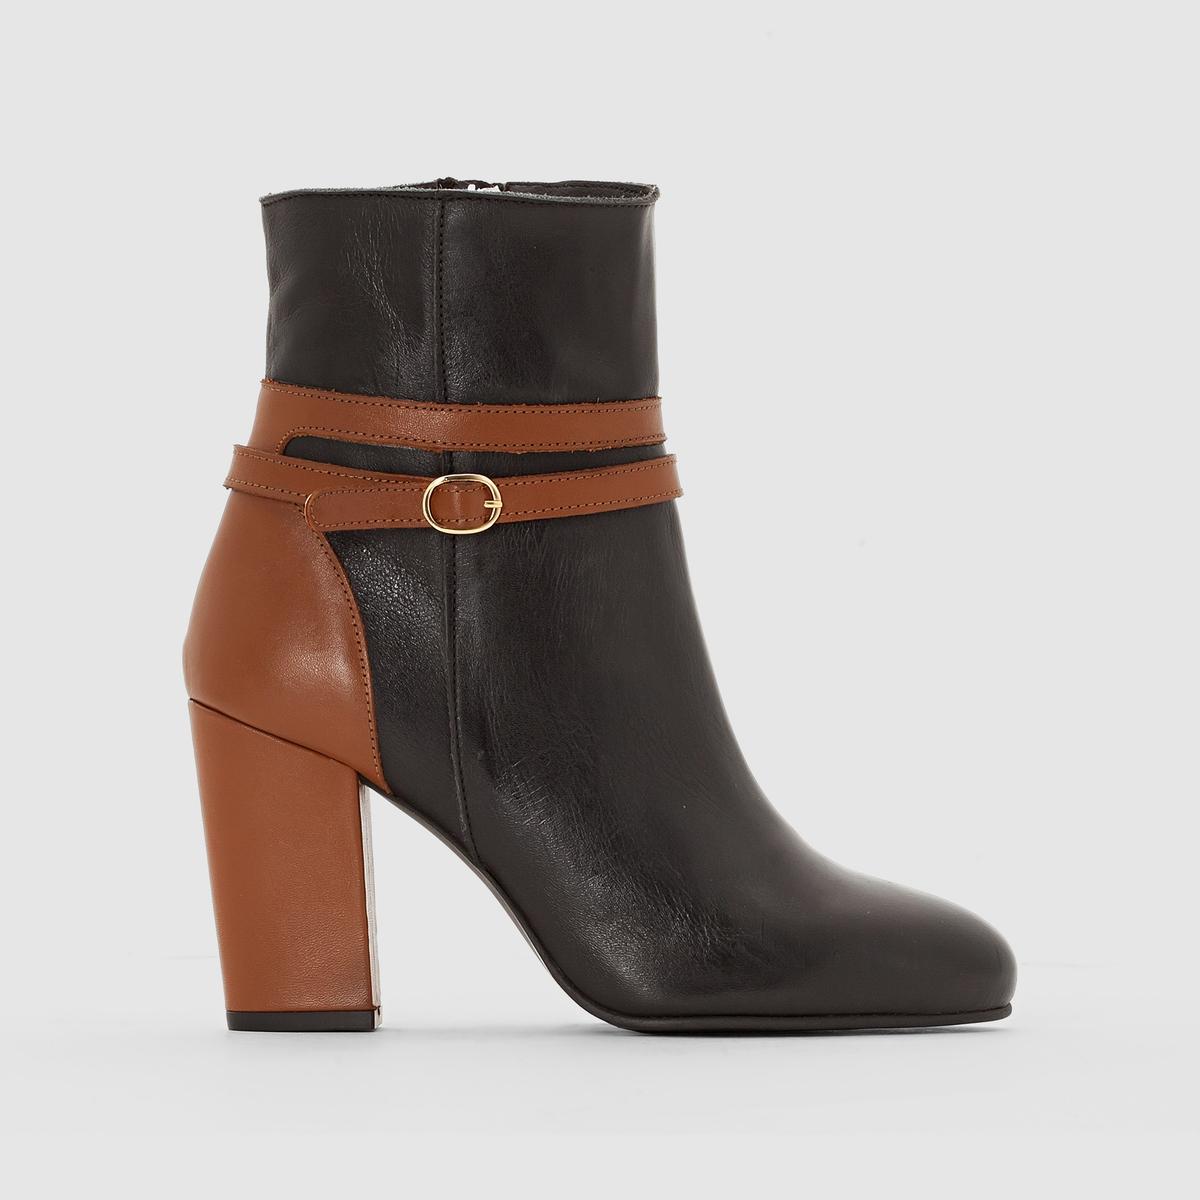 Ботильоны на каблукеМарка : CASTALUNAПодходит : для широкой стопы.Верх : яловичная кожа.Стелька : кожа.Подошва : из эластомера.Каблук : 10 см.Застежка : длинная внутренняя молния.Преимущества : Шикарный и изящный стиль, очень высокий каблук.<br><br>Цвет: черный<br>Размер: 38.39.44